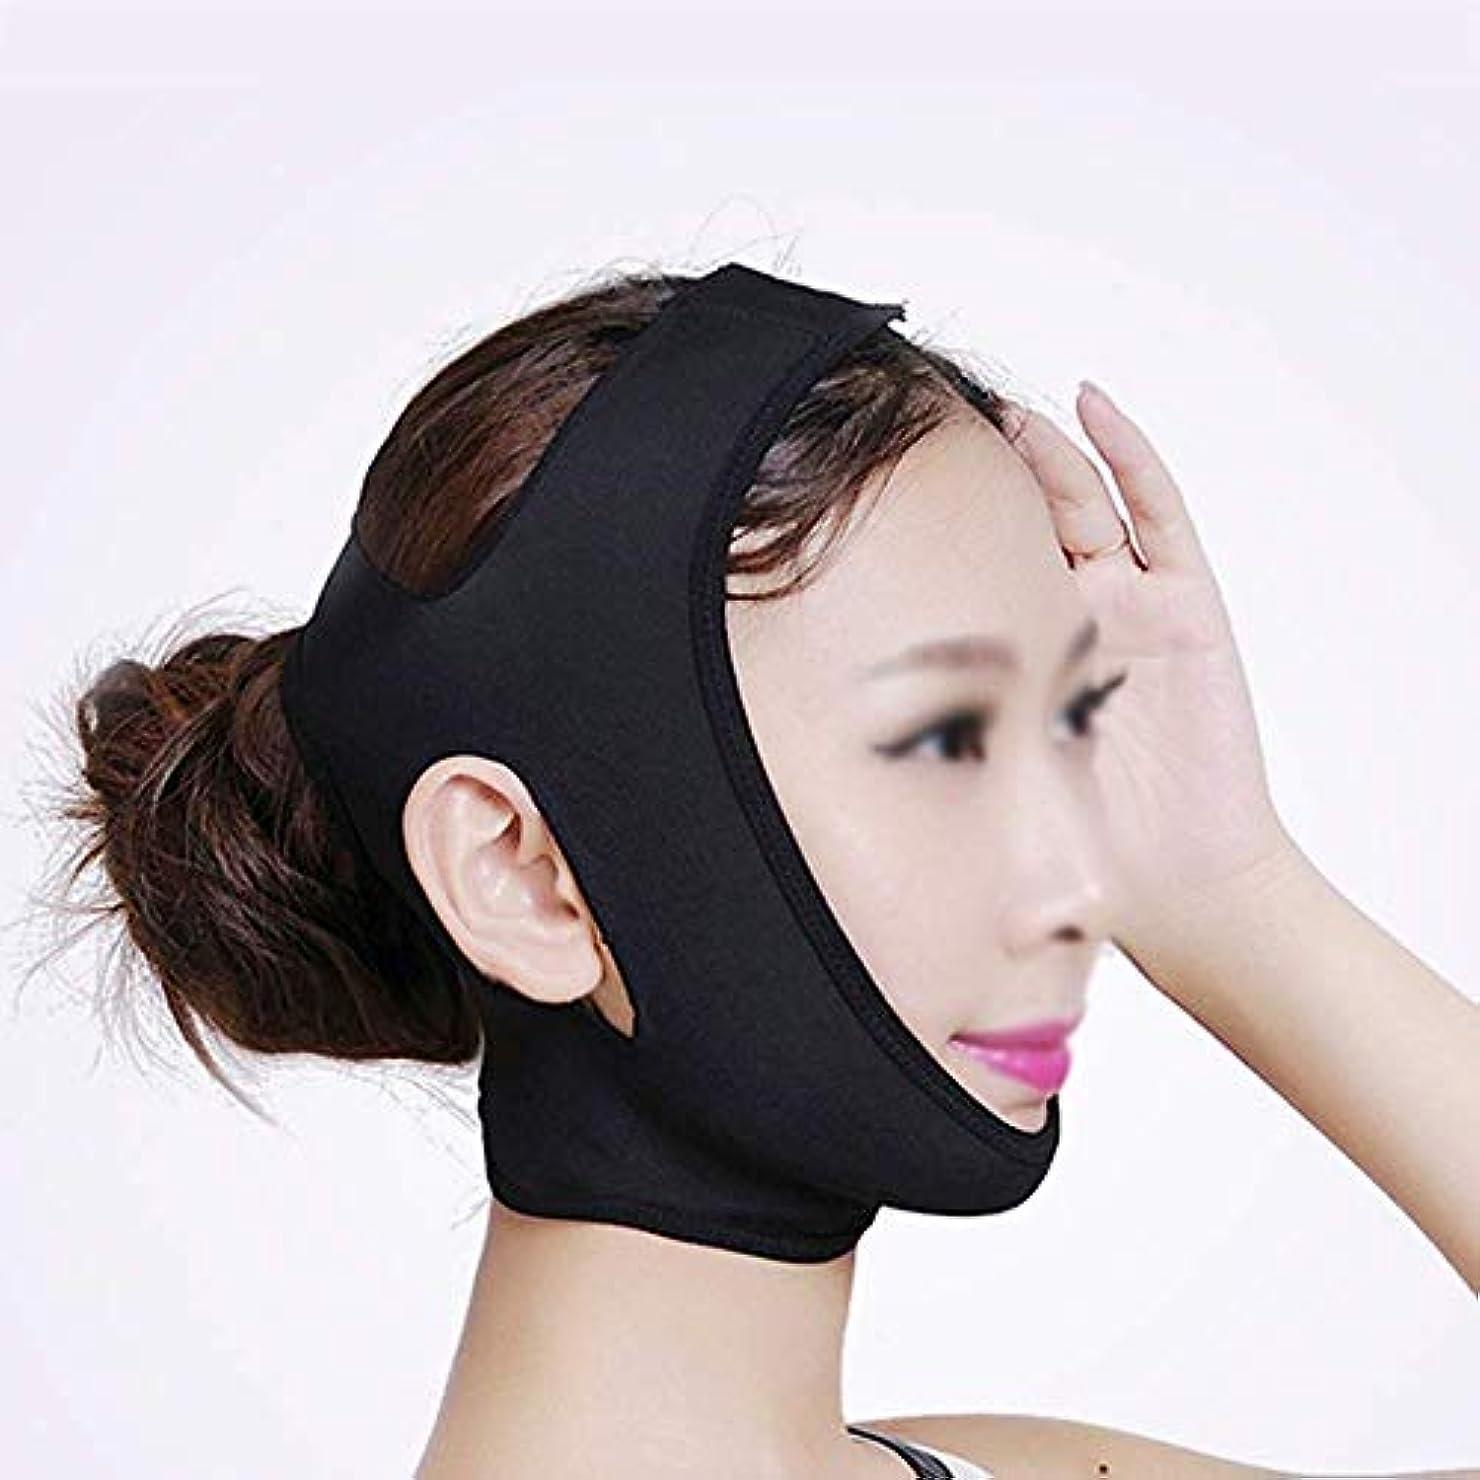 超えてプレフィックスプランテーションフェイシャル減量マスクリフティングフェイス、フェイスマスク、減量包帯を除去するためのダブルチン、フェイシャルリフティング包帯、ダブルチンを減らすためのリフティングベルト(カラー:ブラック、サイズ:M),黒、L